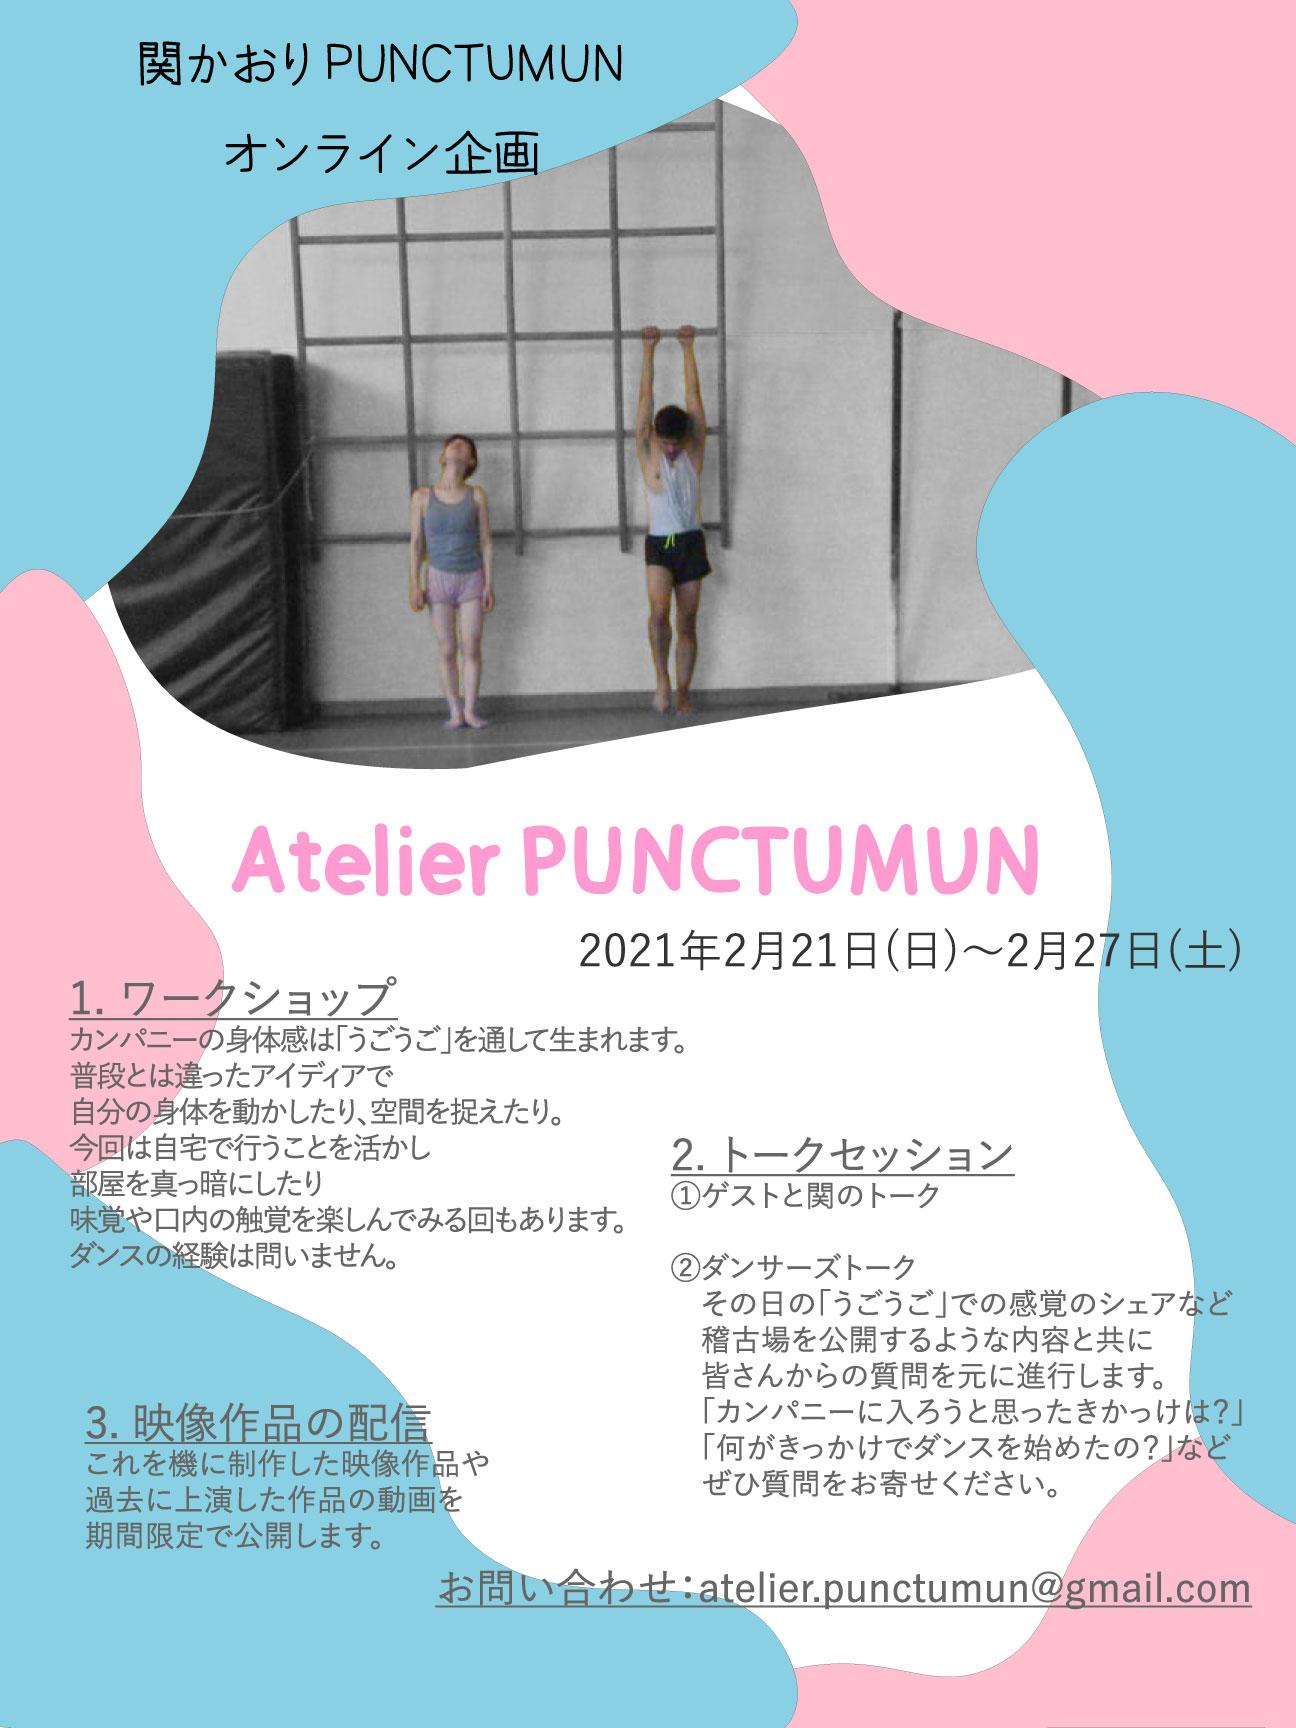 オンライン企画『Atelier PUNCTUMUN』←終了しました